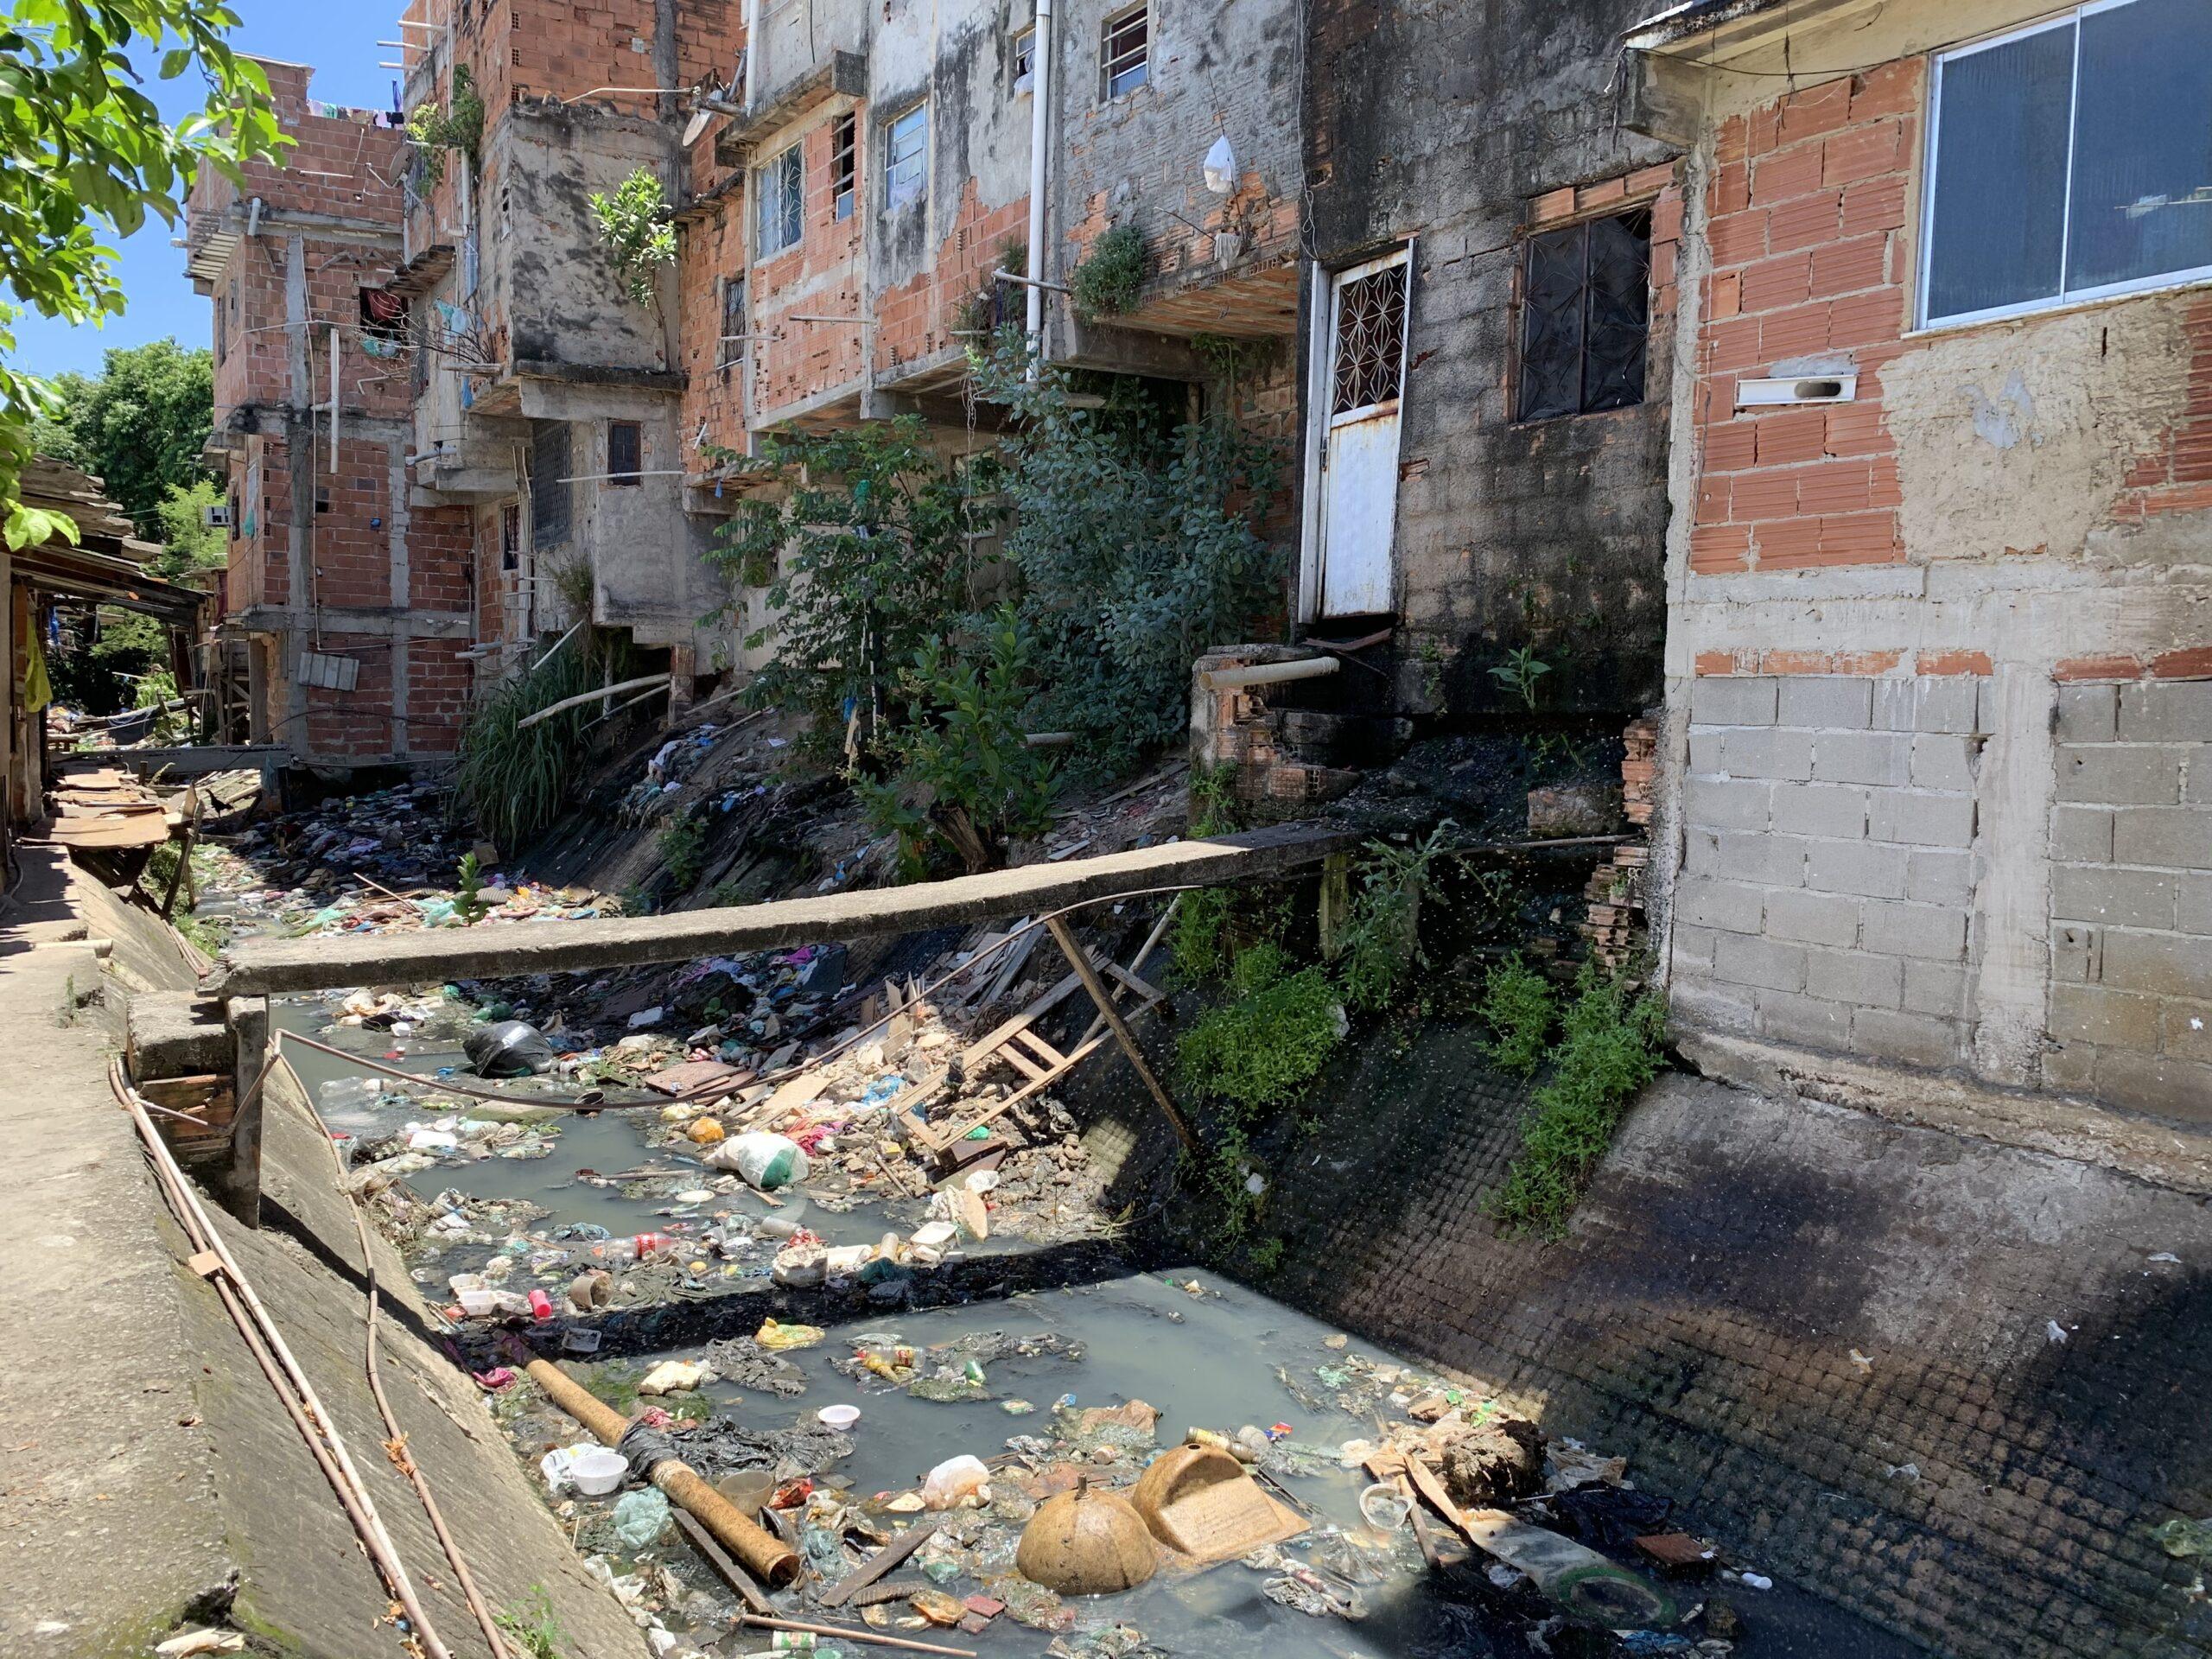 Esgoto a céu aberto e lixo em valão tomam conta da região das Casinhas, no Complexo do Alemão